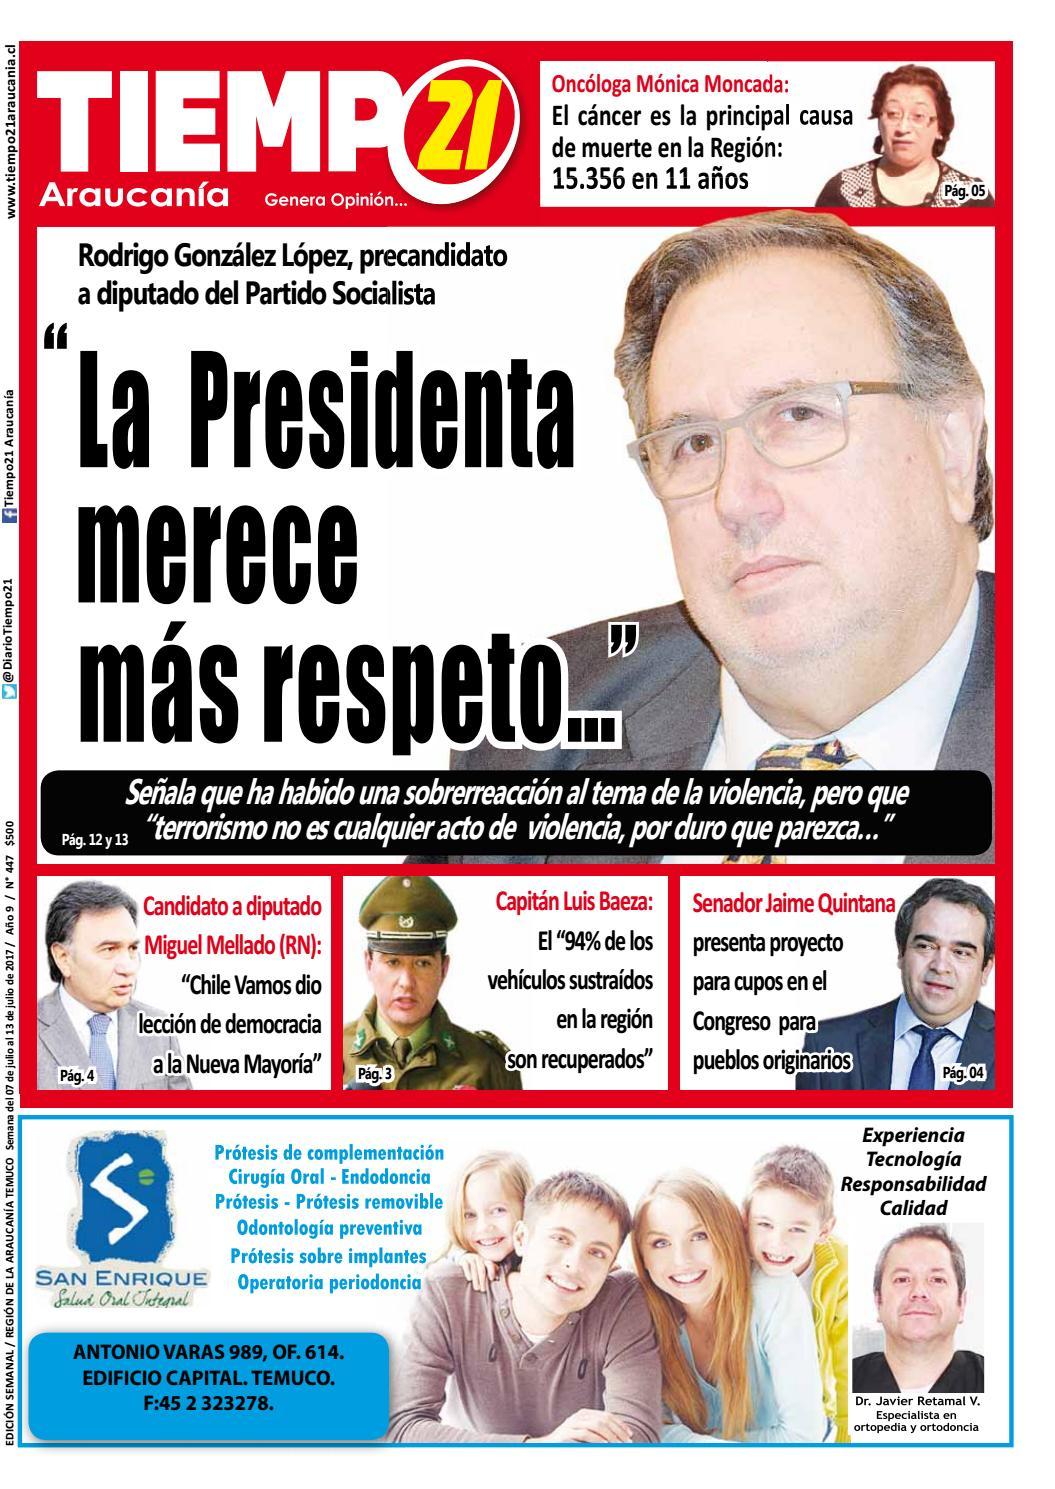 Edici N 447 Rodrigo Gonz Lez L Pez Precandidato A Diputado Ps  # Muebles El Toqui Rancagua